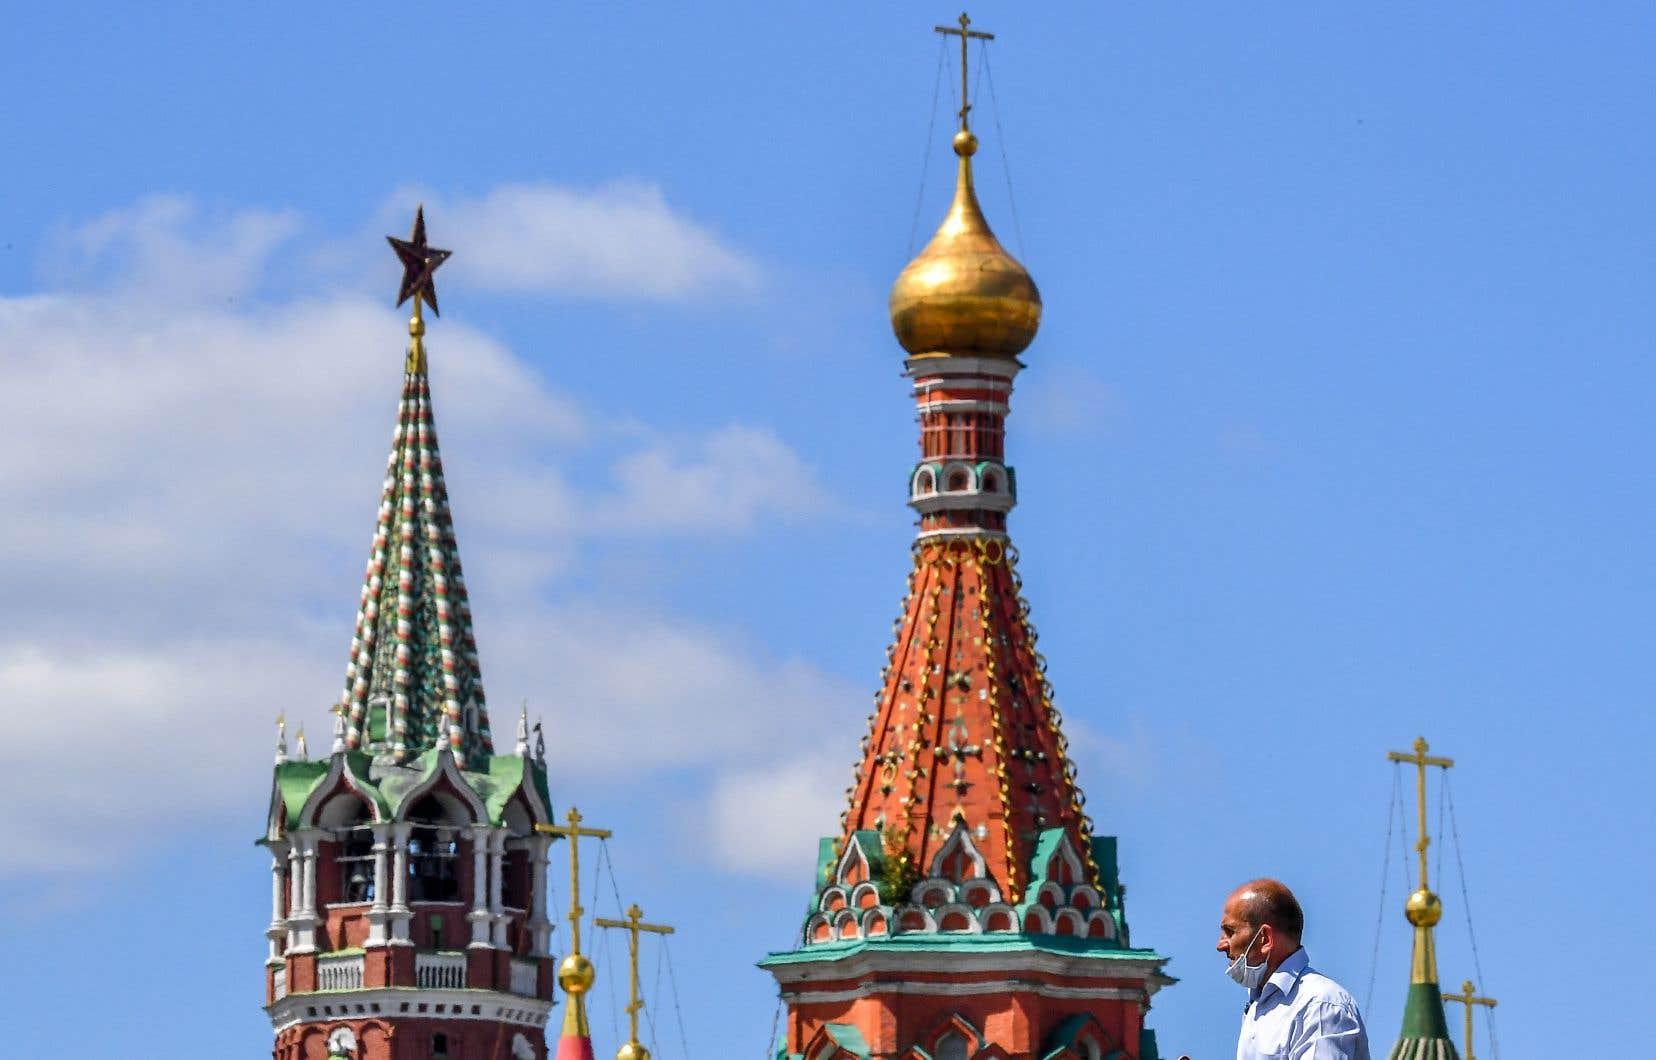 <p>La décision a été prise pour promouvoir le tourisme intérieur alors que les frontières russes sont fermées en raison de la pandémie de coronavirus.</p>